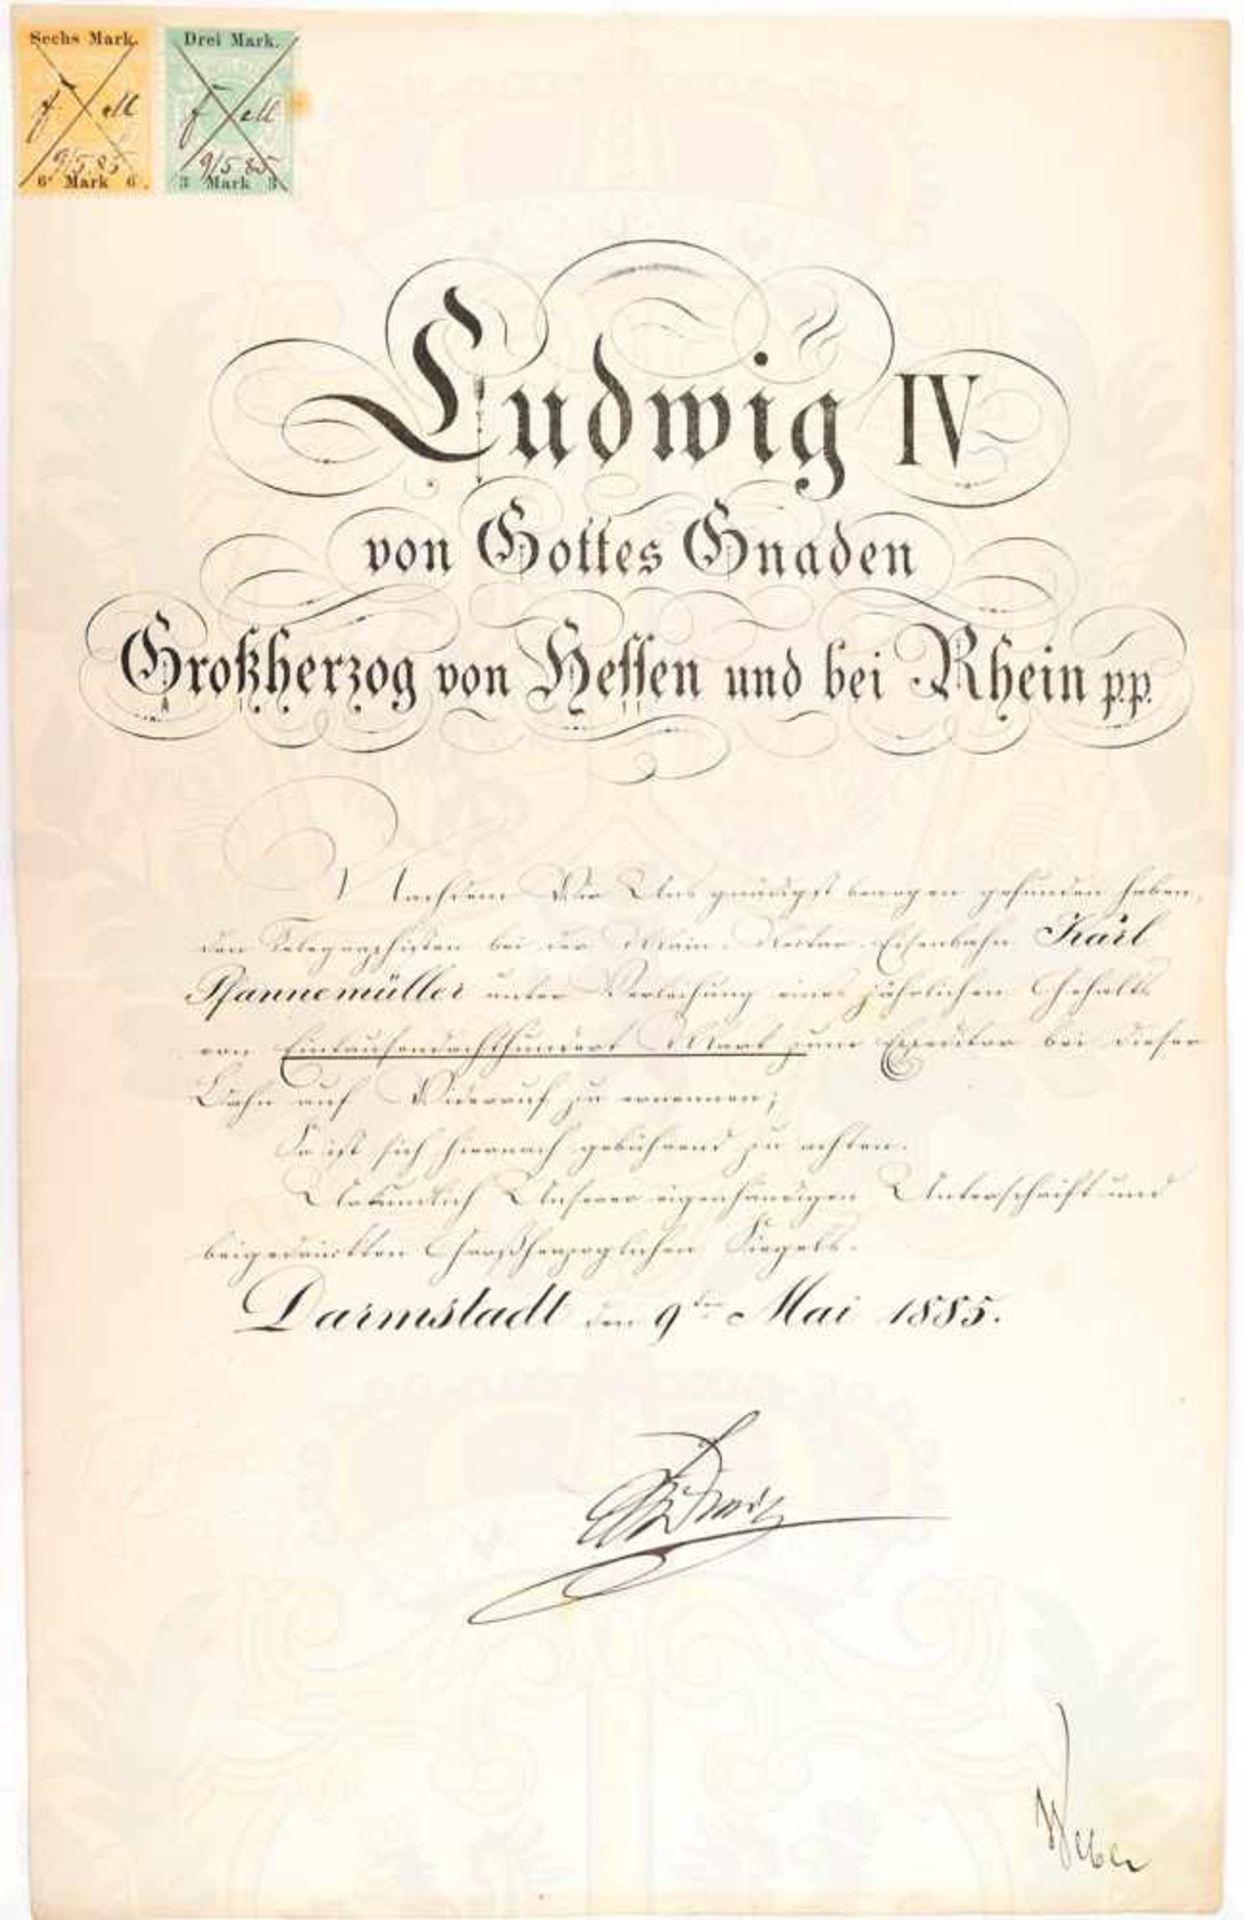 """LUDWIG IV., Großherzog von Hessen-Darmstadt (1837-1892), Tinten OU """"Ludwig"""" auf Ernennungs-Urkunde"""